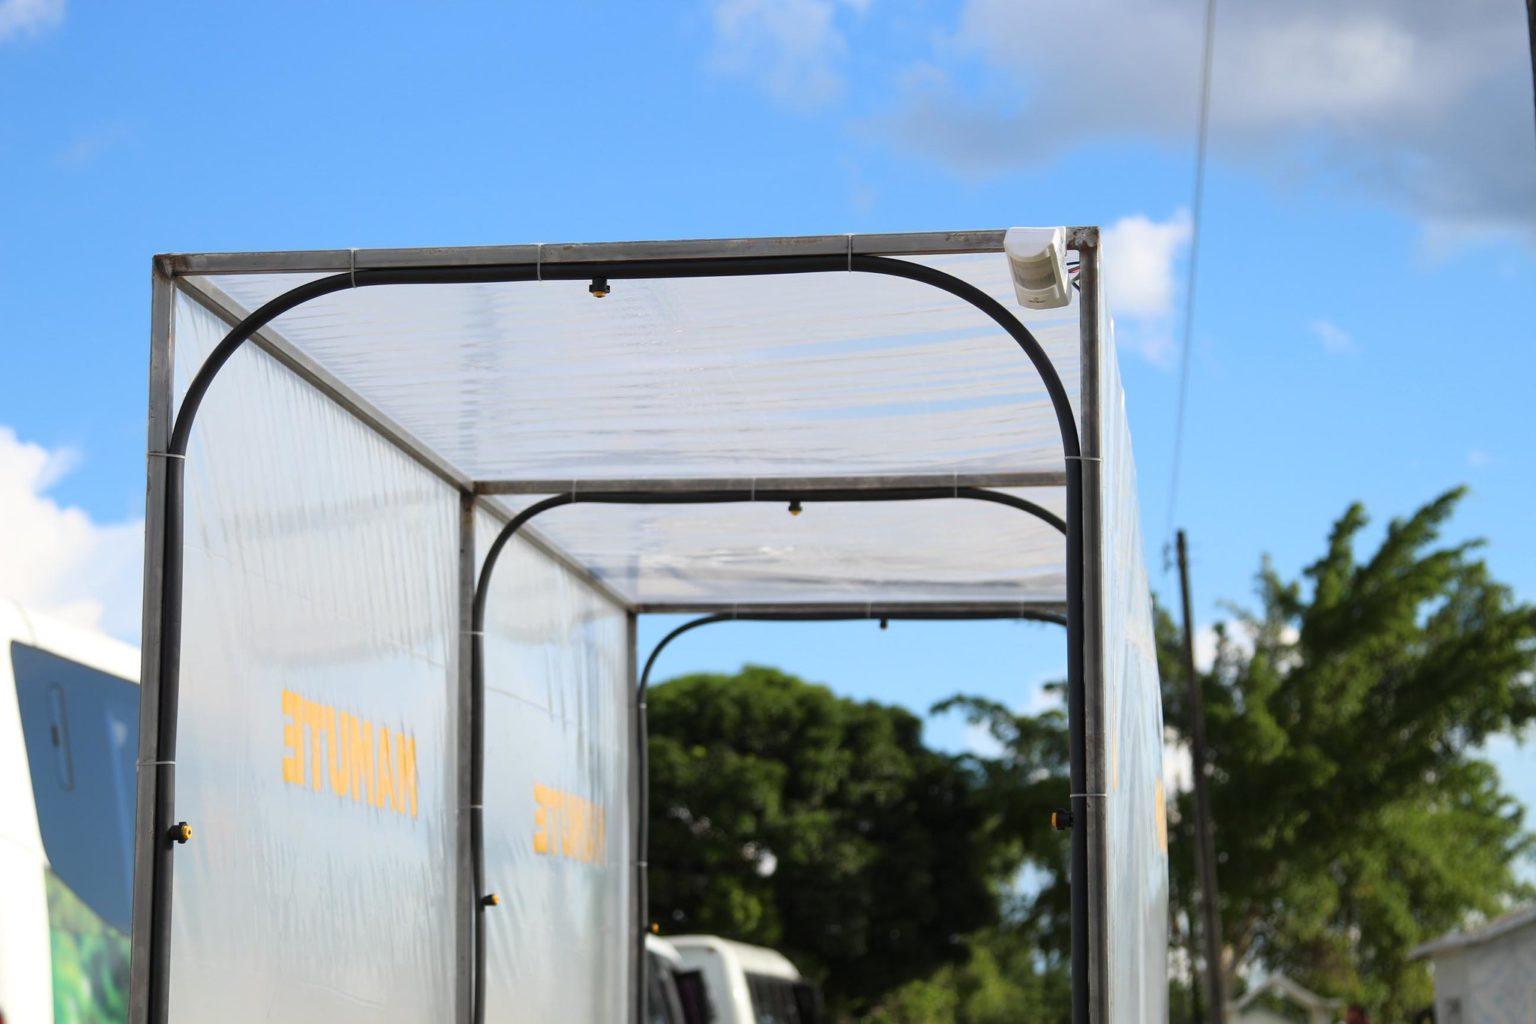 Prefeitura de Passo Fundo cancela compra de cabines de sanitização corporal